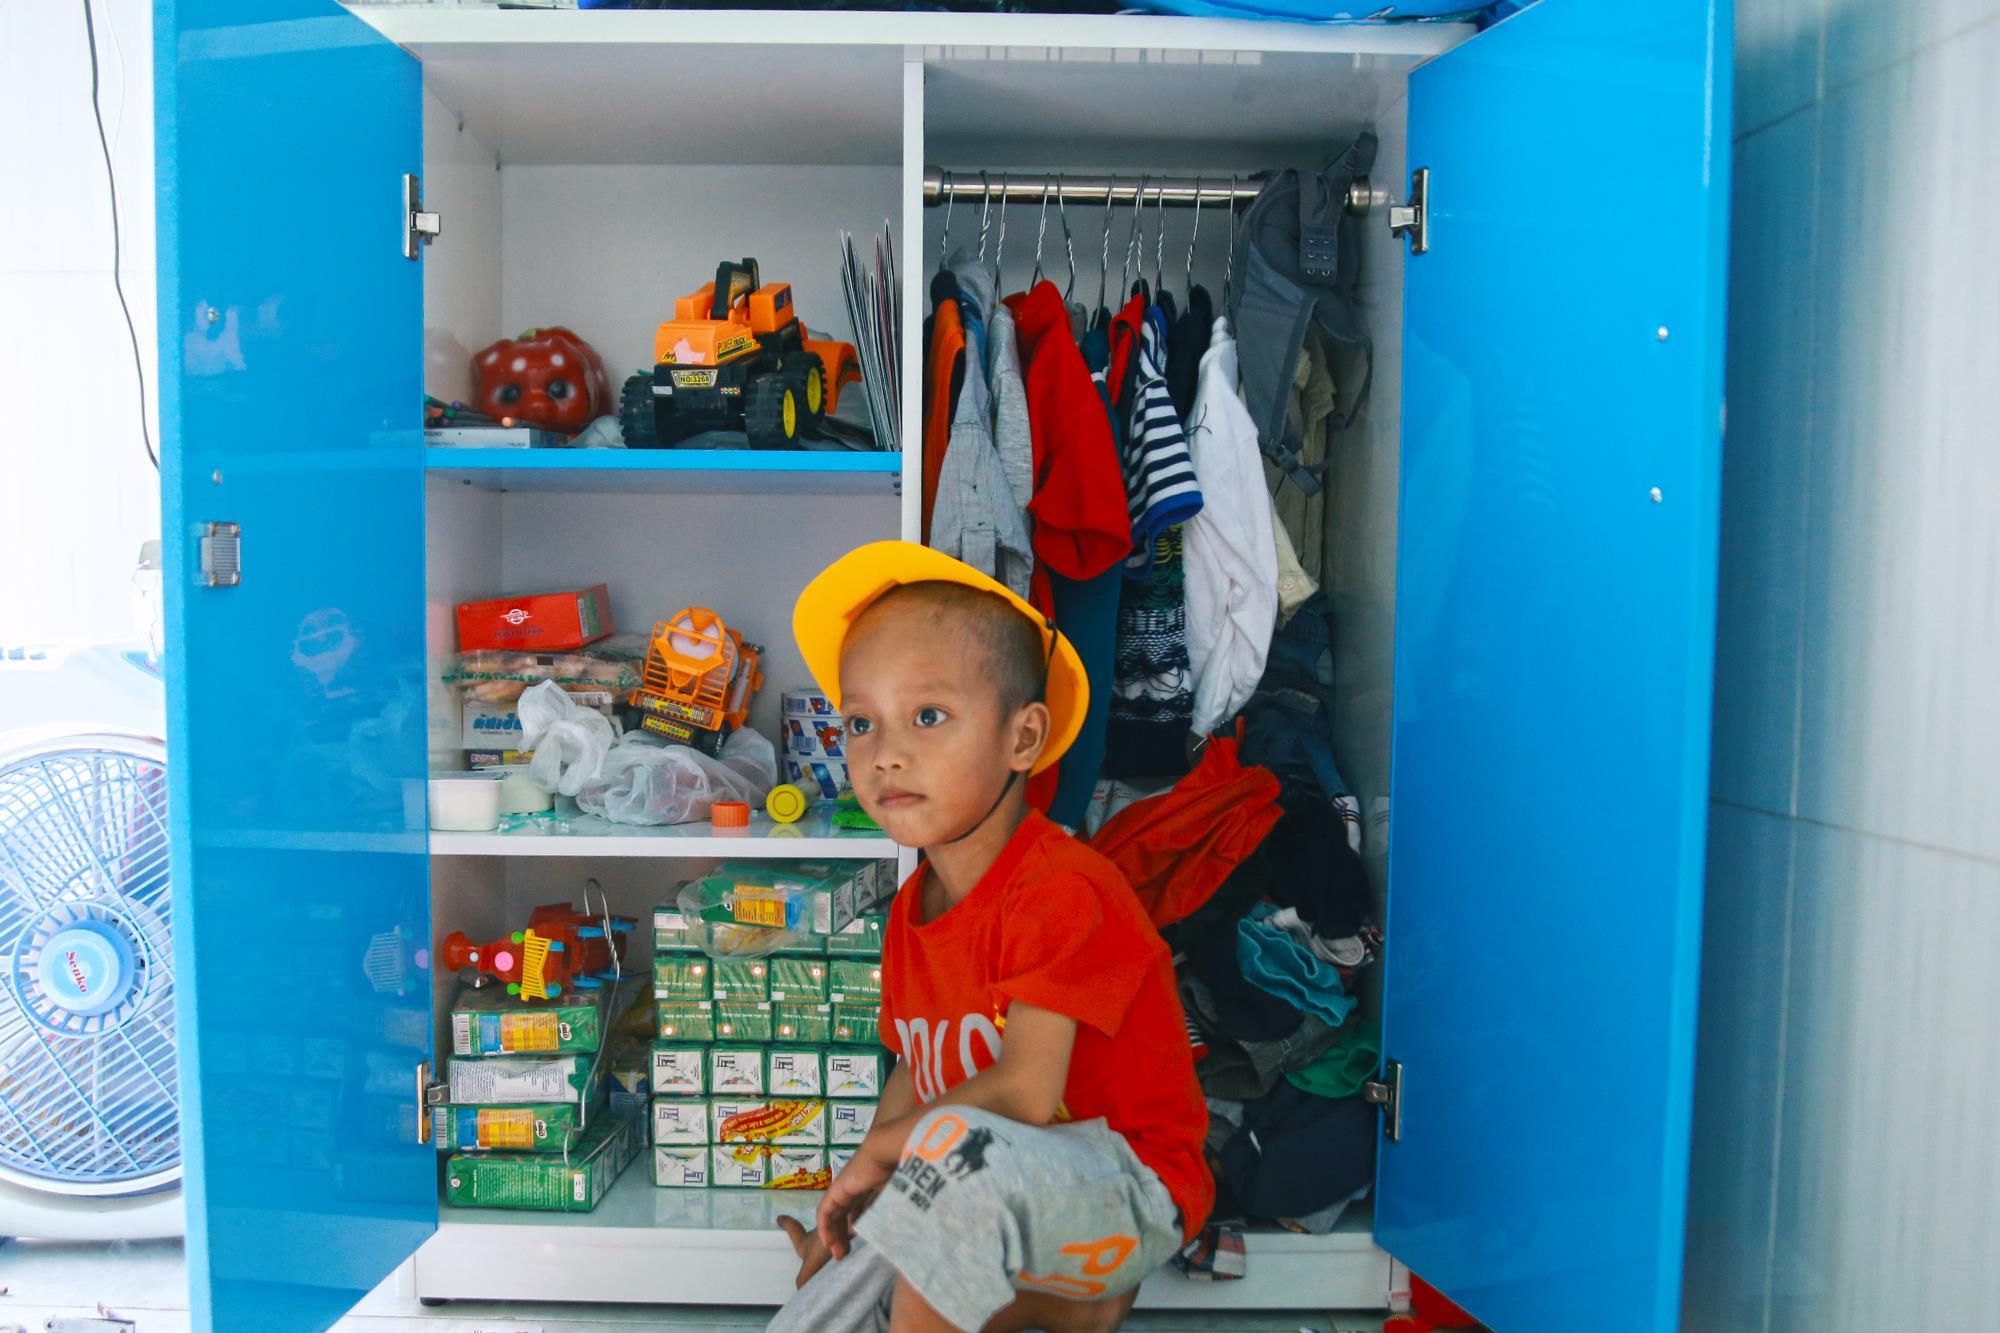 Chuyện về chiếc tủ màu xanh chứa đầy kho báu của cậu nhóc ve chai Thành Đạt - Ảnh 3.